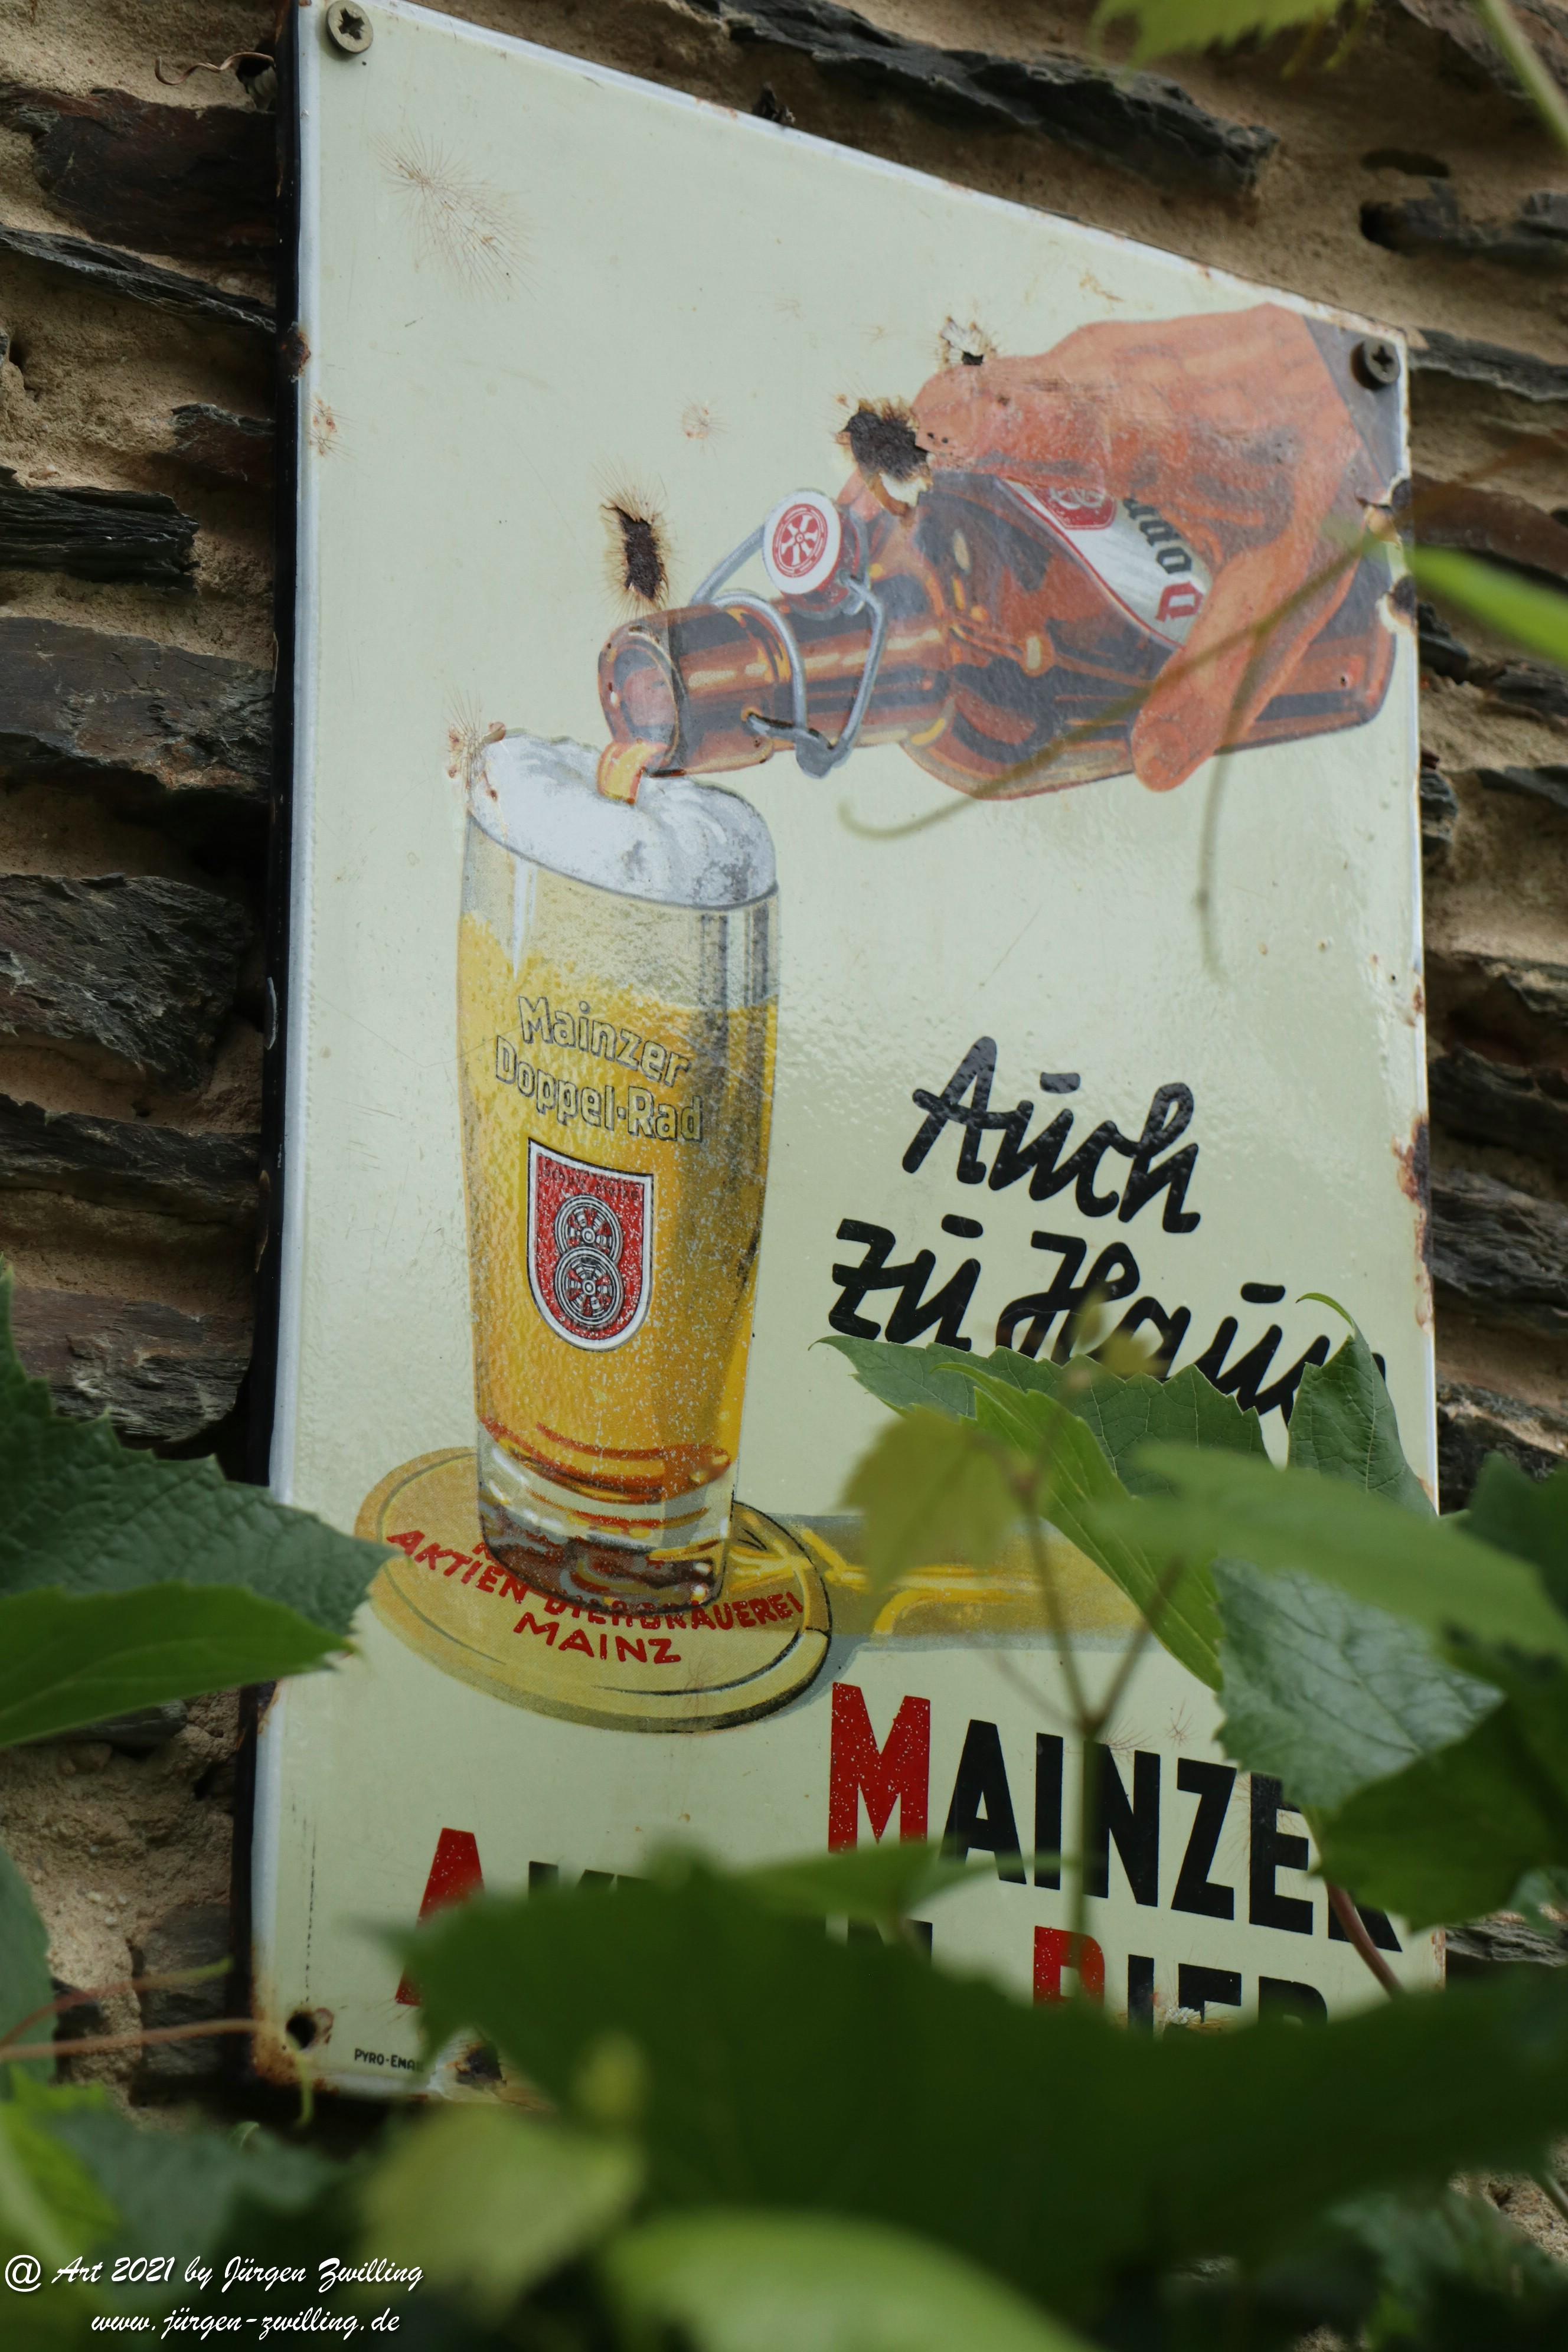 Mainzer Aktien Bier 2